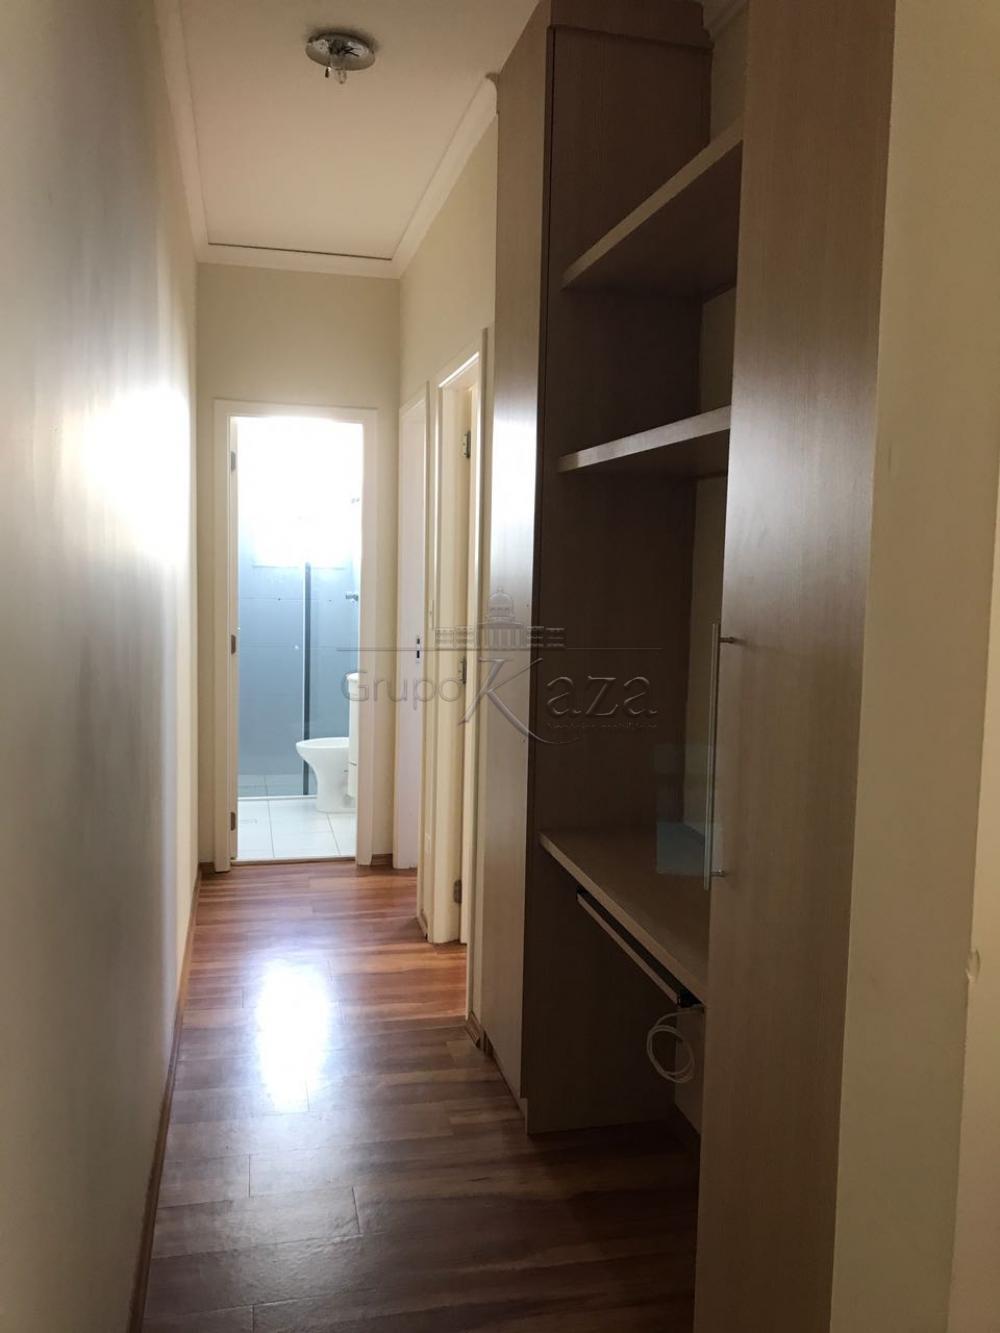 Alugar Apartamento / Padrão em São José dos Campos apenas R$ 900,00 - Foto 10